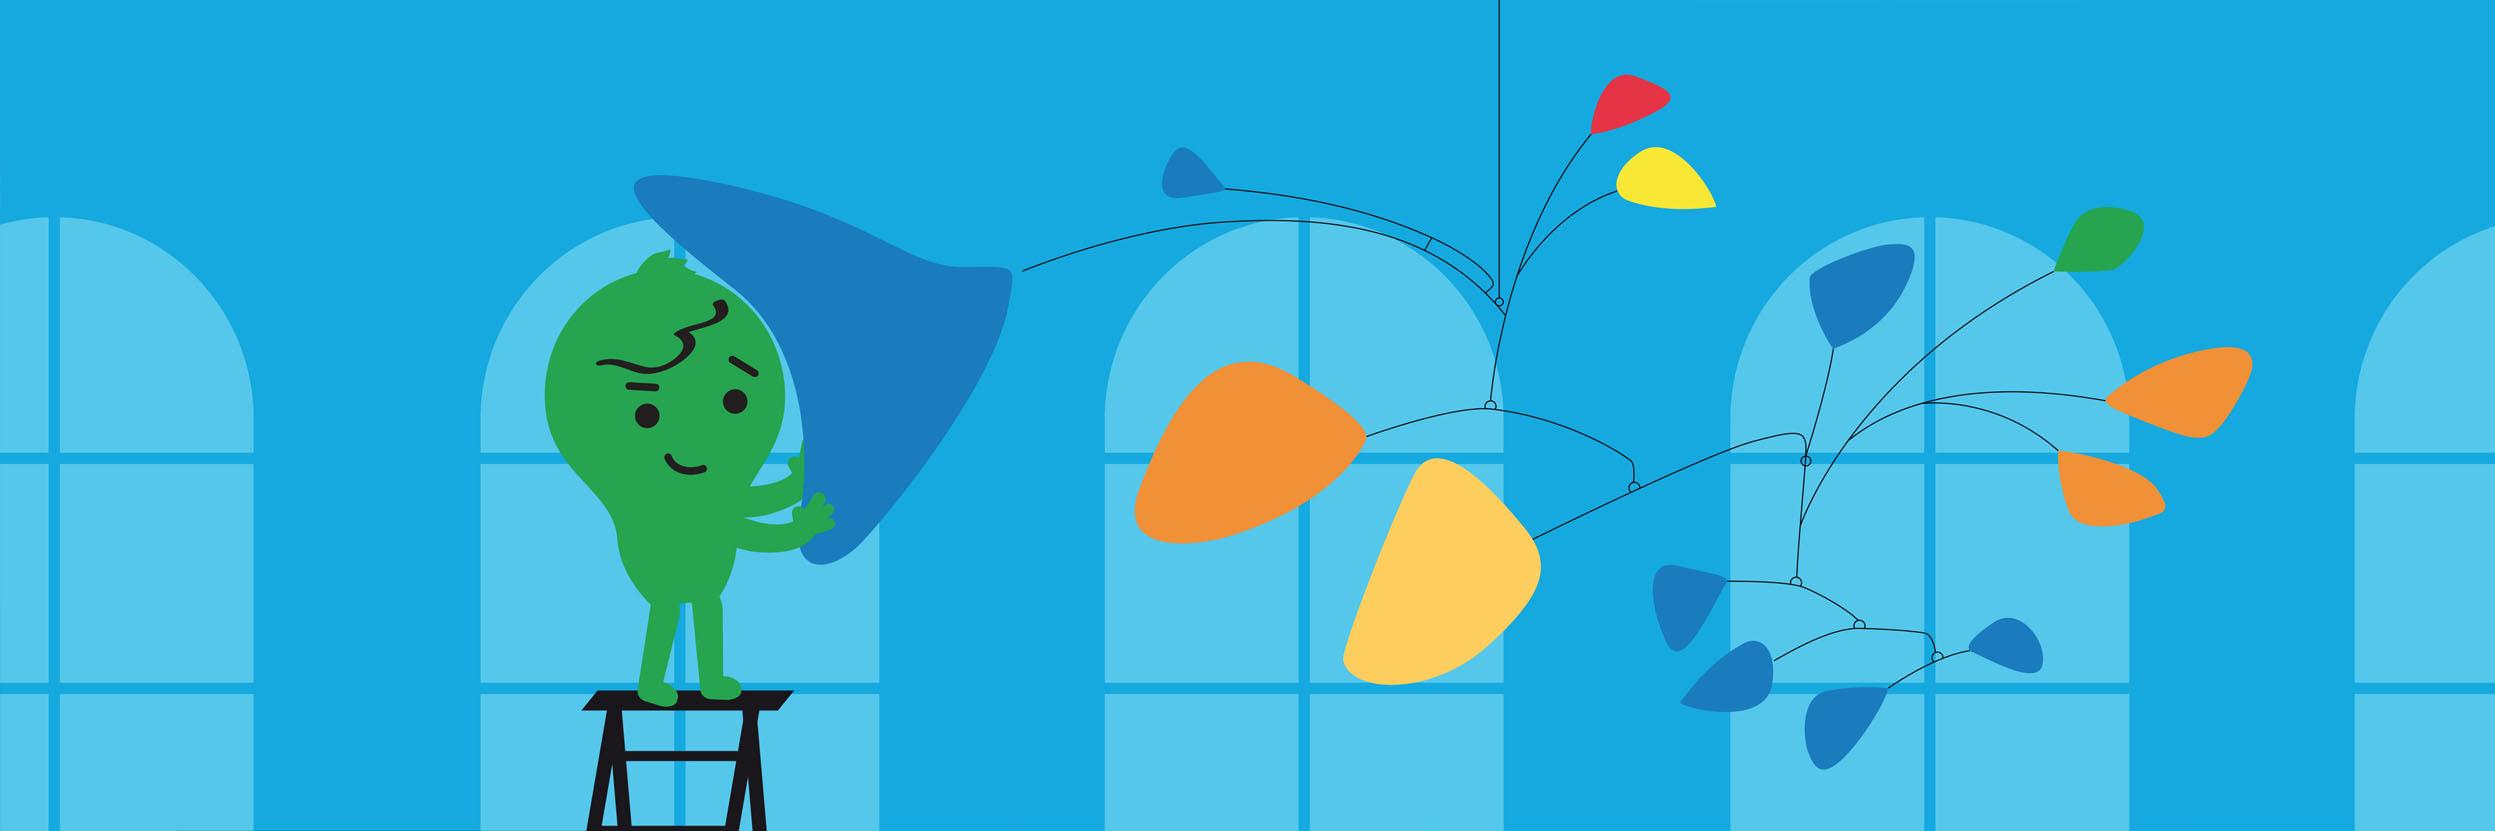 illustration flat design slider web